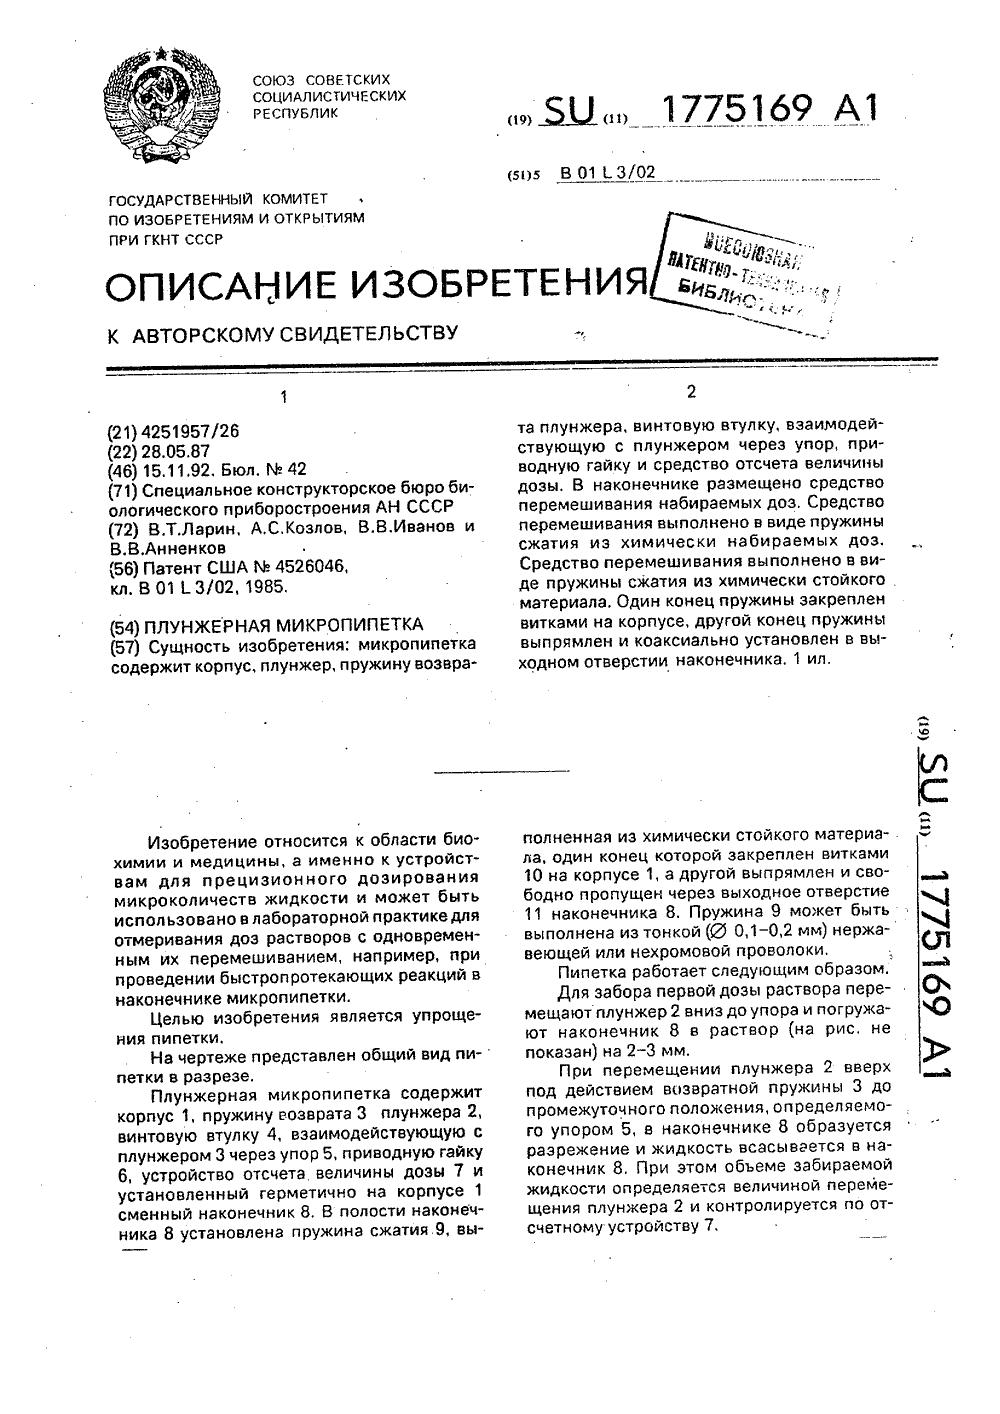 Микропипетка